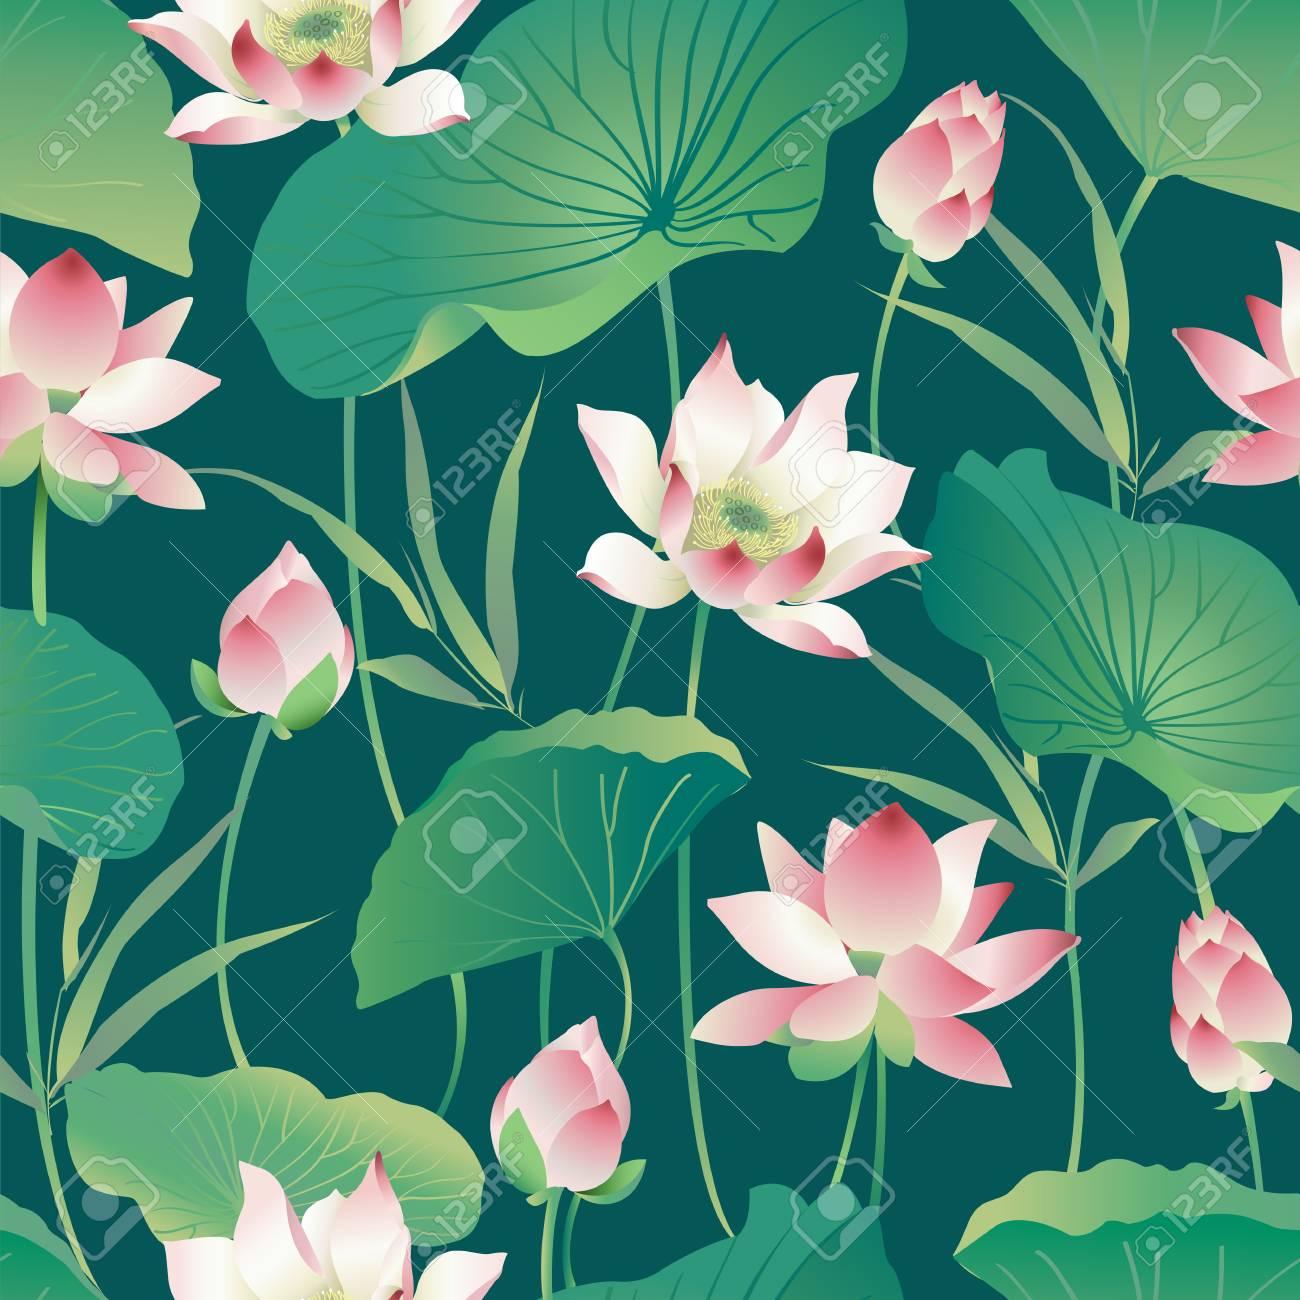 Flower pattern. - 86915502